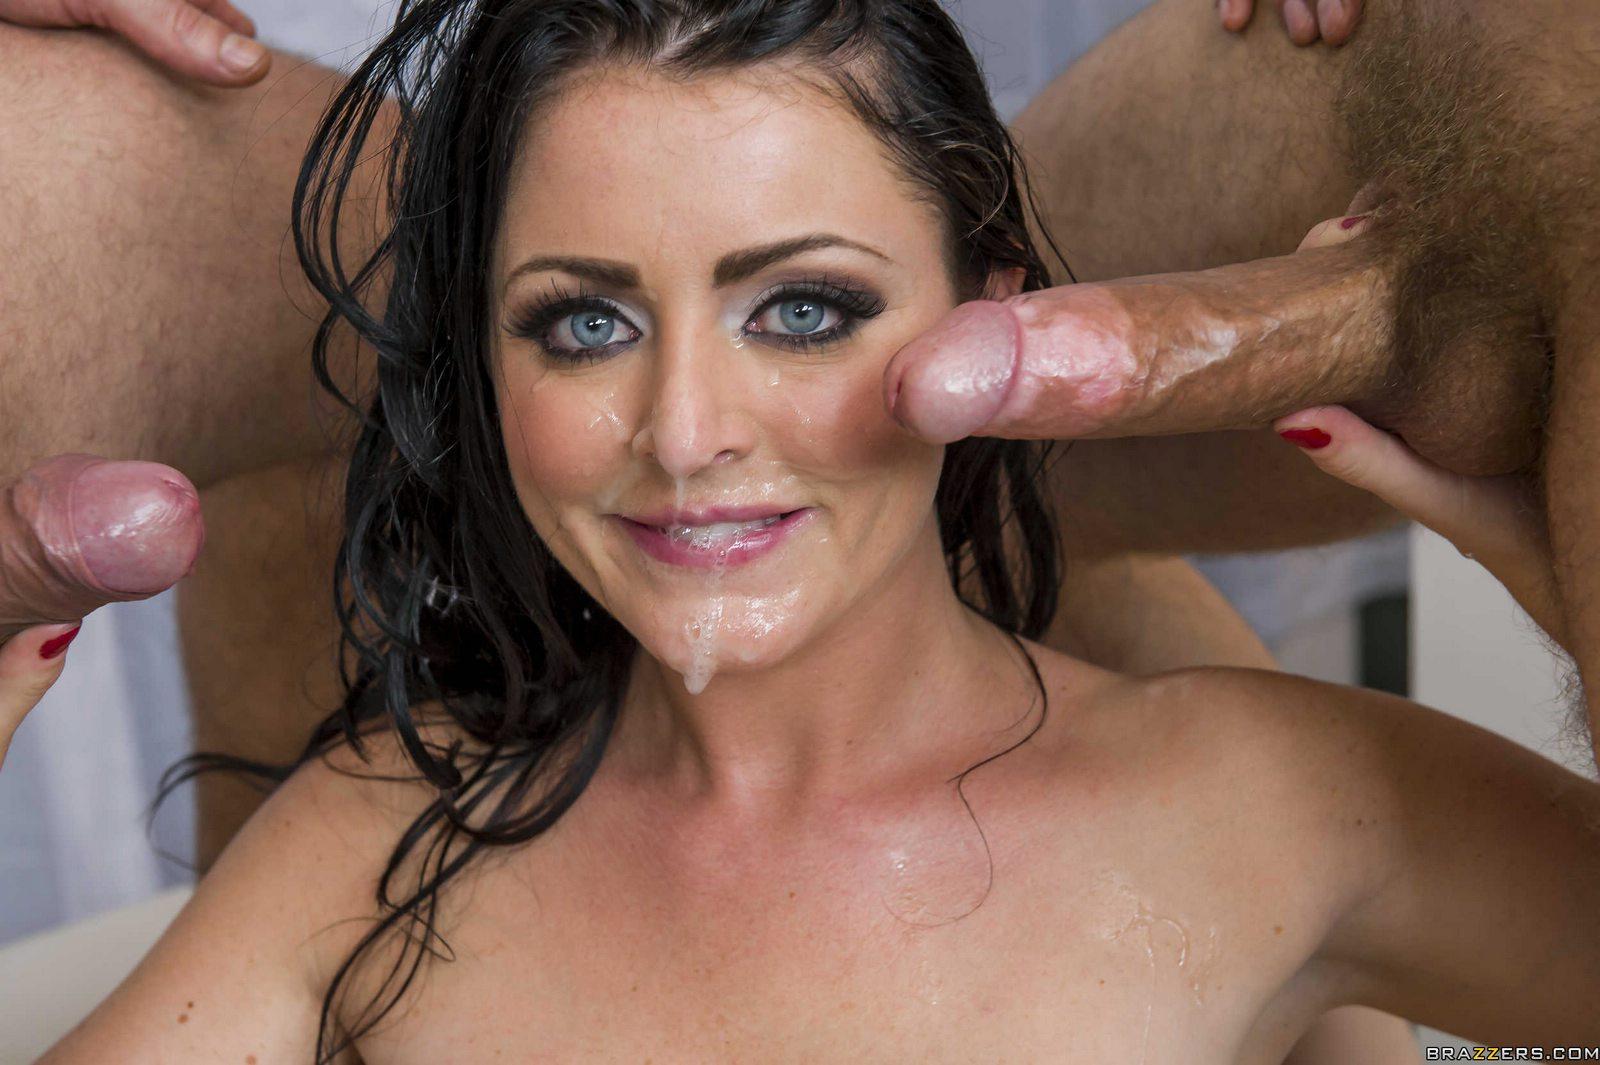 Porn girl sophie dee very